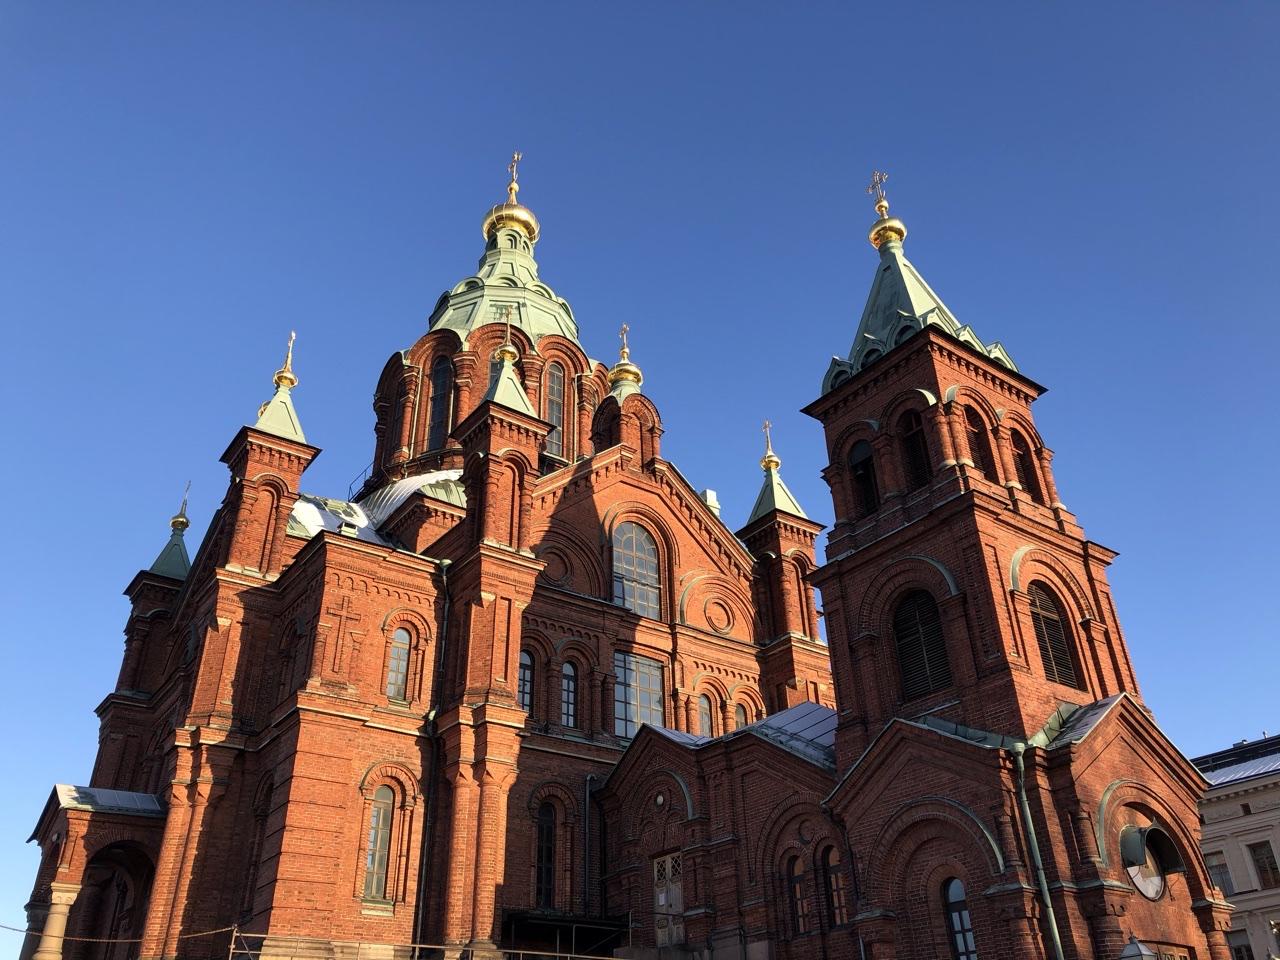 ウスペンスキー大聖堂の写真